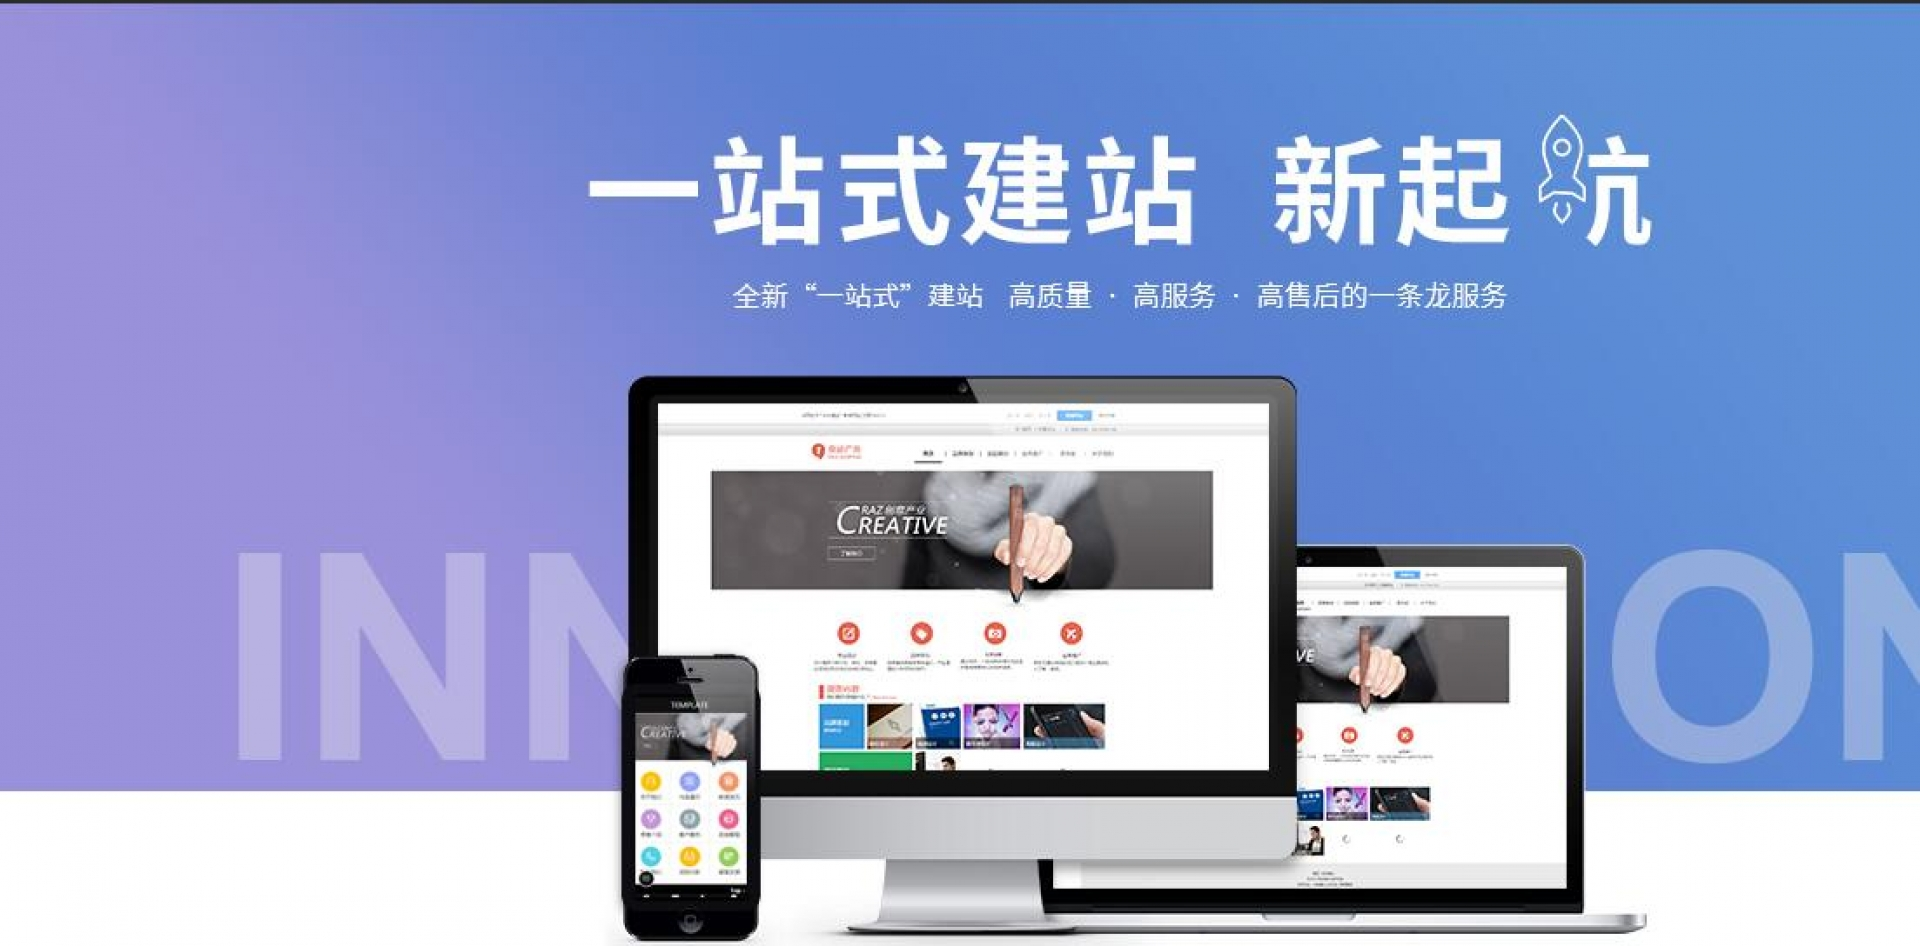 深圳企牛互联网科技宣传公告牌